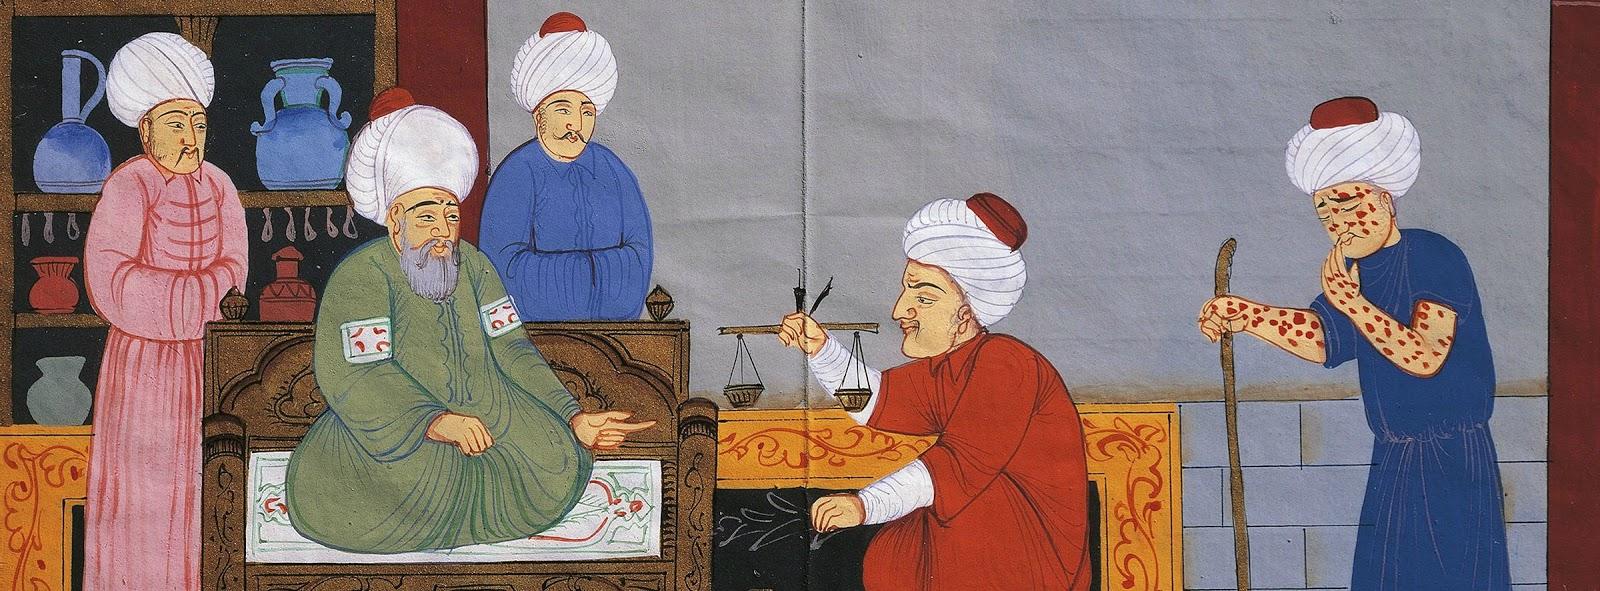 Уникальный метод диагностики Ибн Сины Авиценна,Ибн Сина,история,личности,медицина